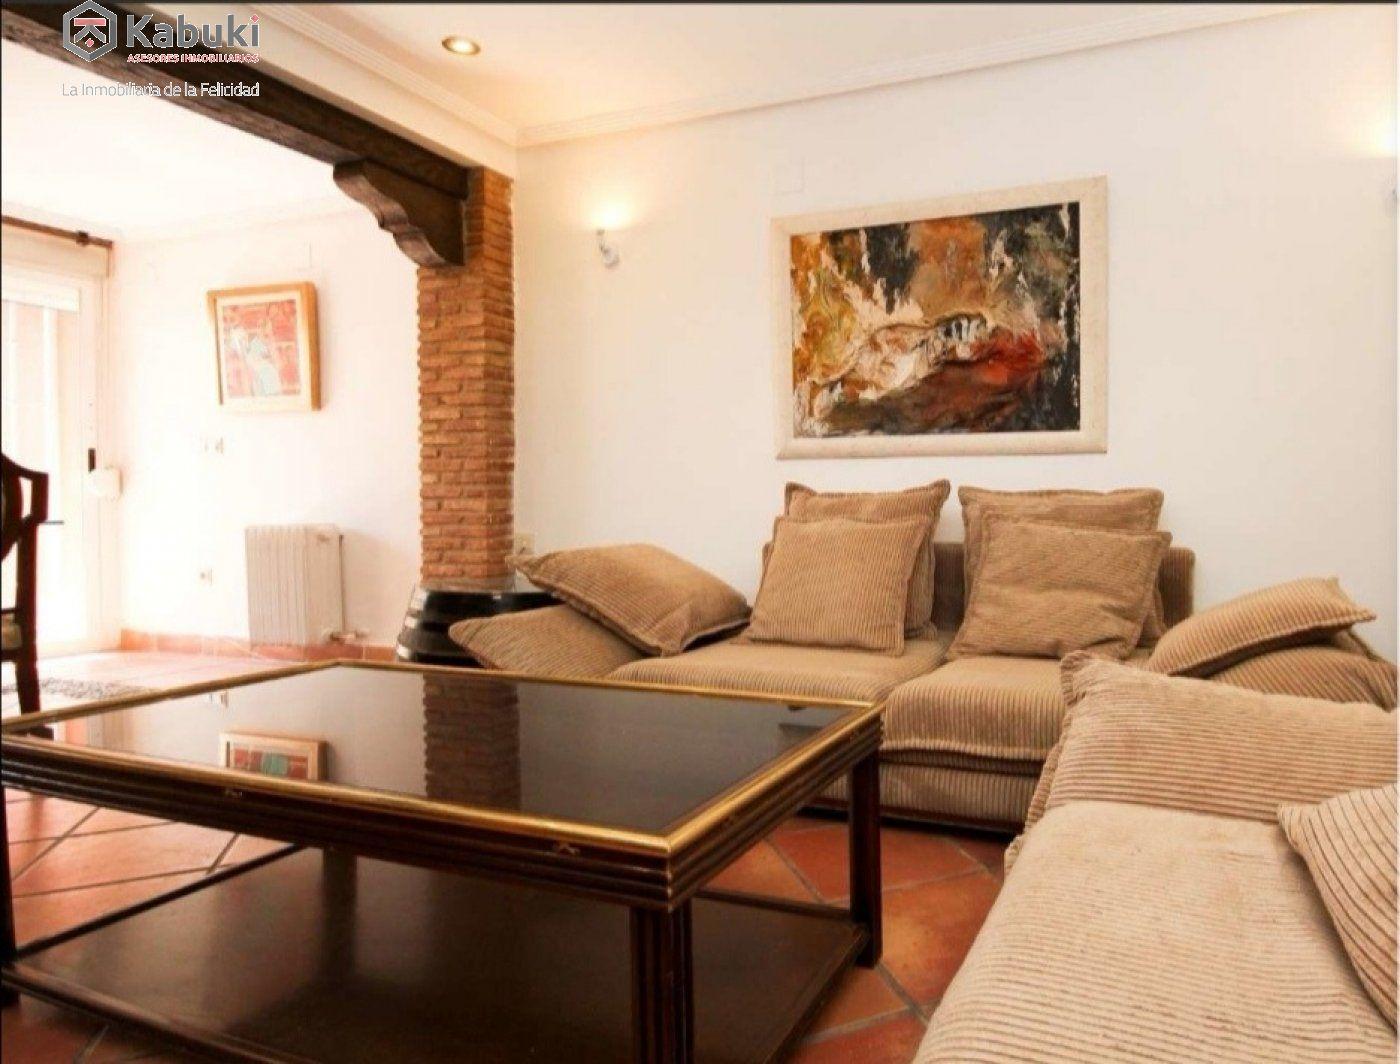 Magnífico apartamento en cármenes de rolando. con chimenea - imagenInmueble3